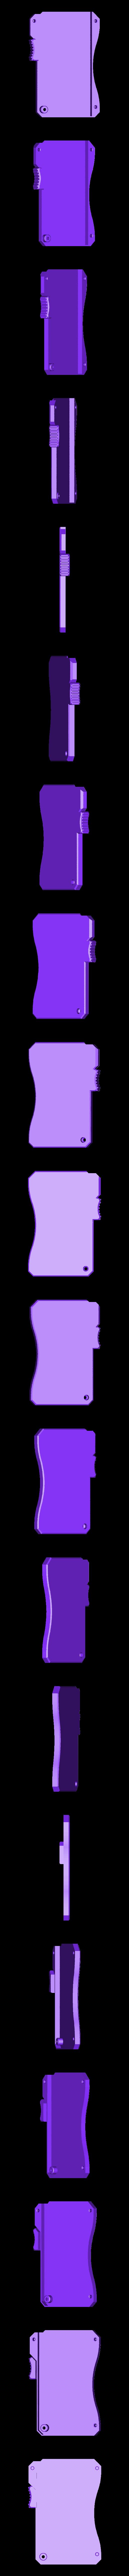 """Bottom _Wallet M3 v2.stl Download free STL file 3D Printed """"Smart"""" Wallet (Updated for M3 Bolts) • 3D printer object, brunogalam"""